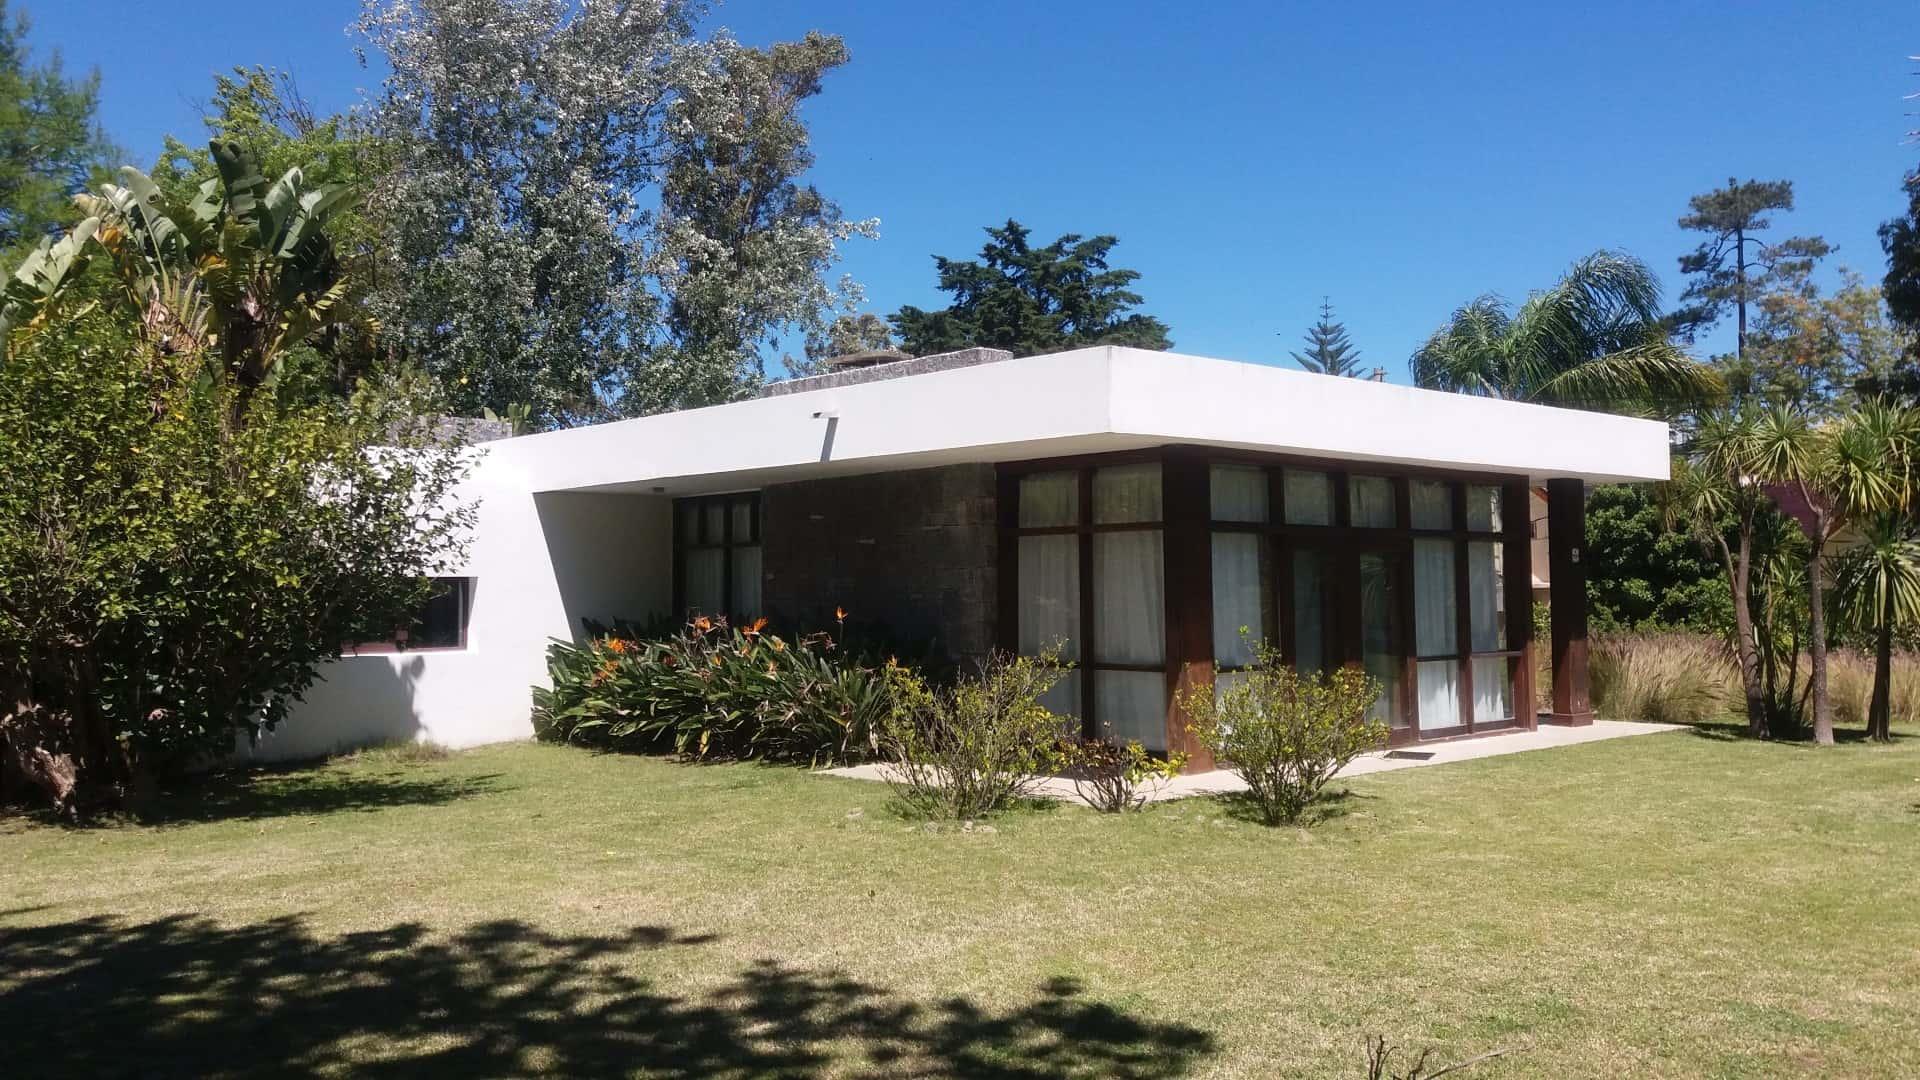 Moderner Bungalow in begehrter Wohngegend Naehe Mansastrand, Punta del Este